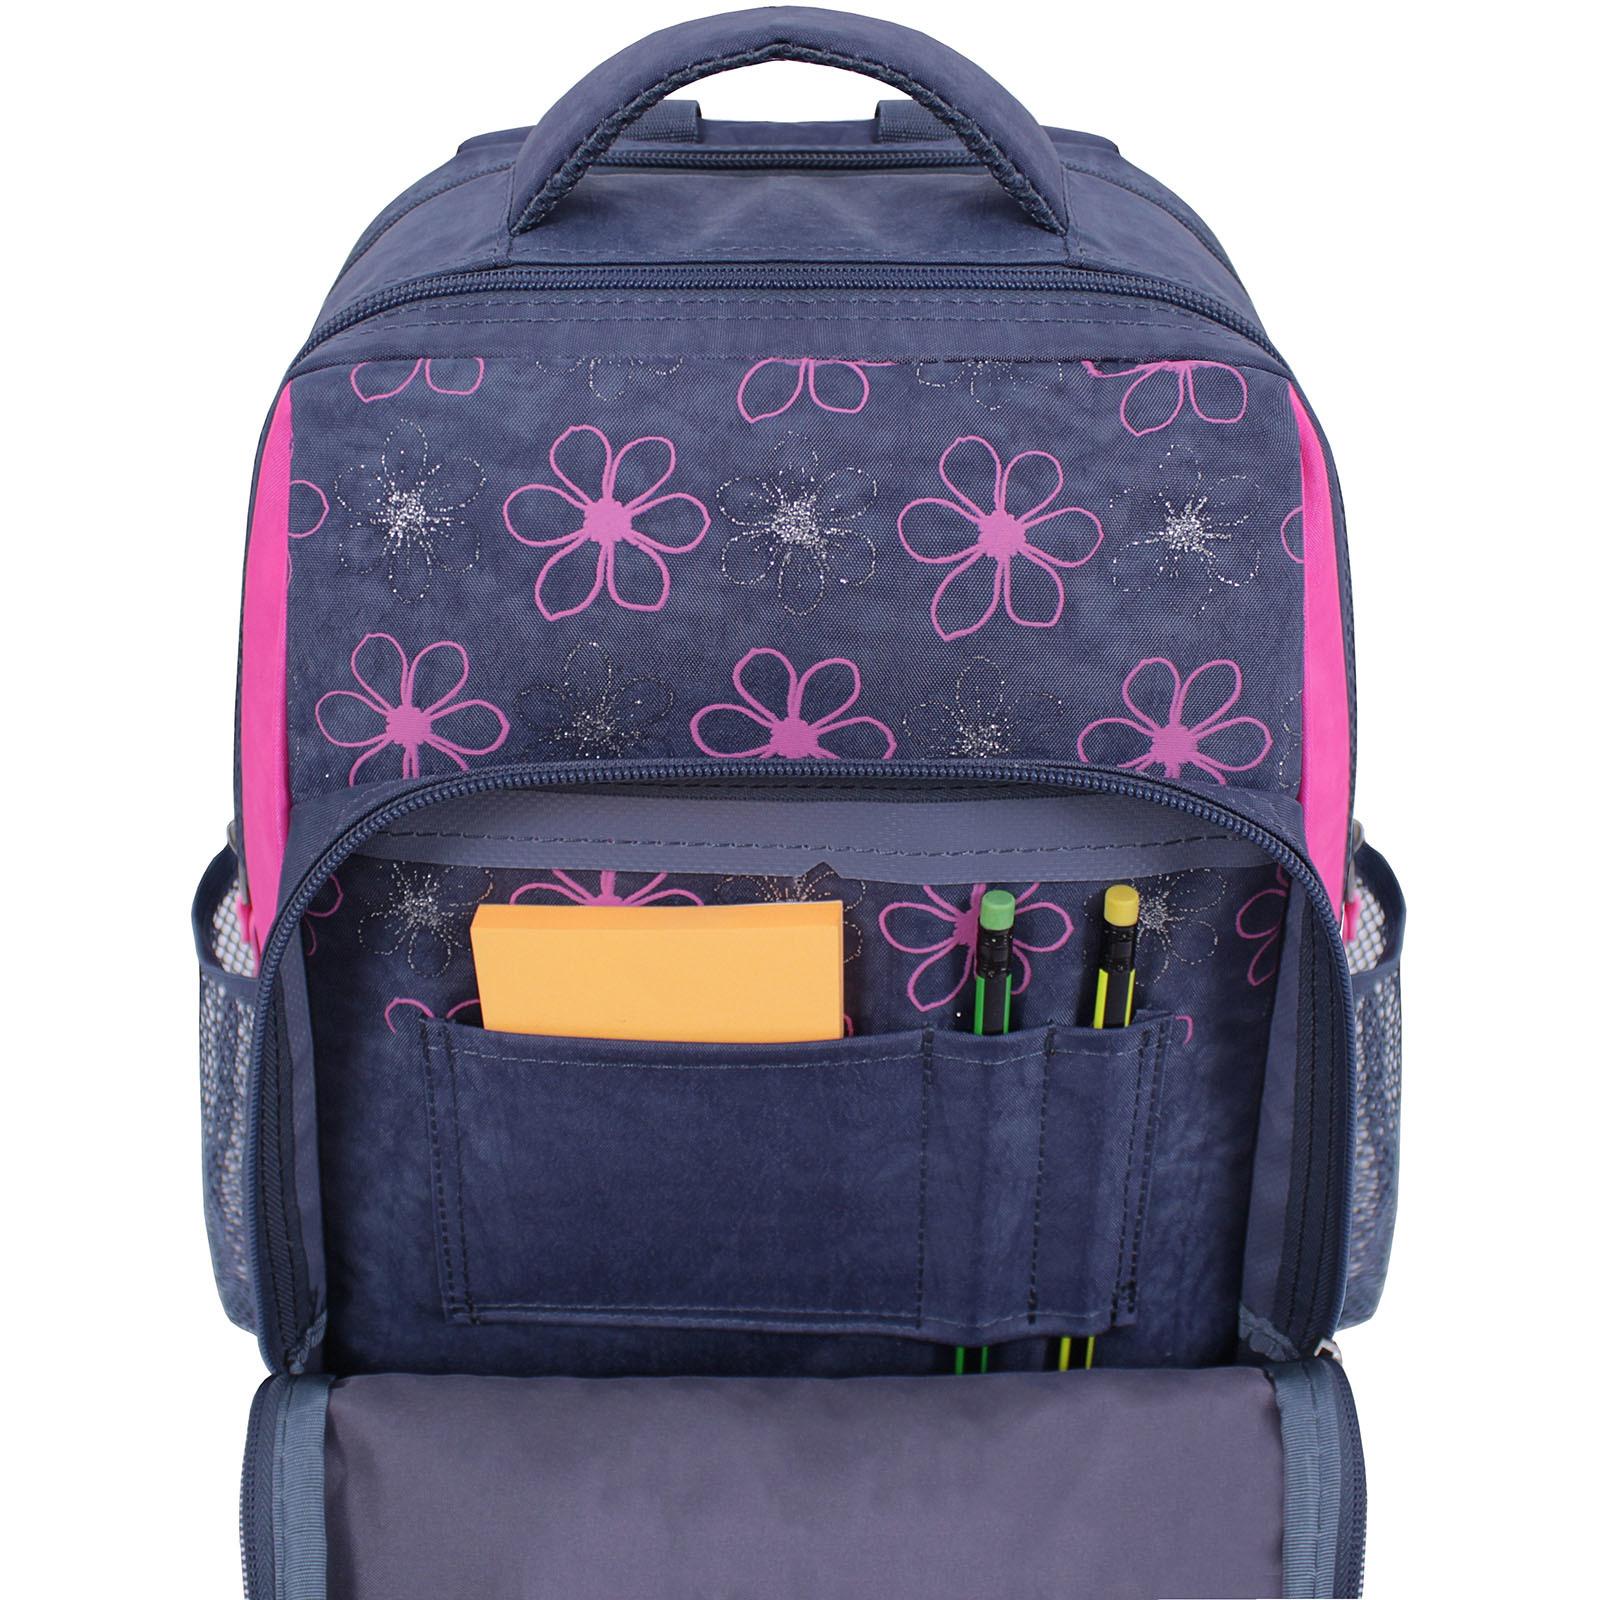 Рюкзак школьный Bagland Школьник 8 л. 321 серый 499 (0012870) фото 4